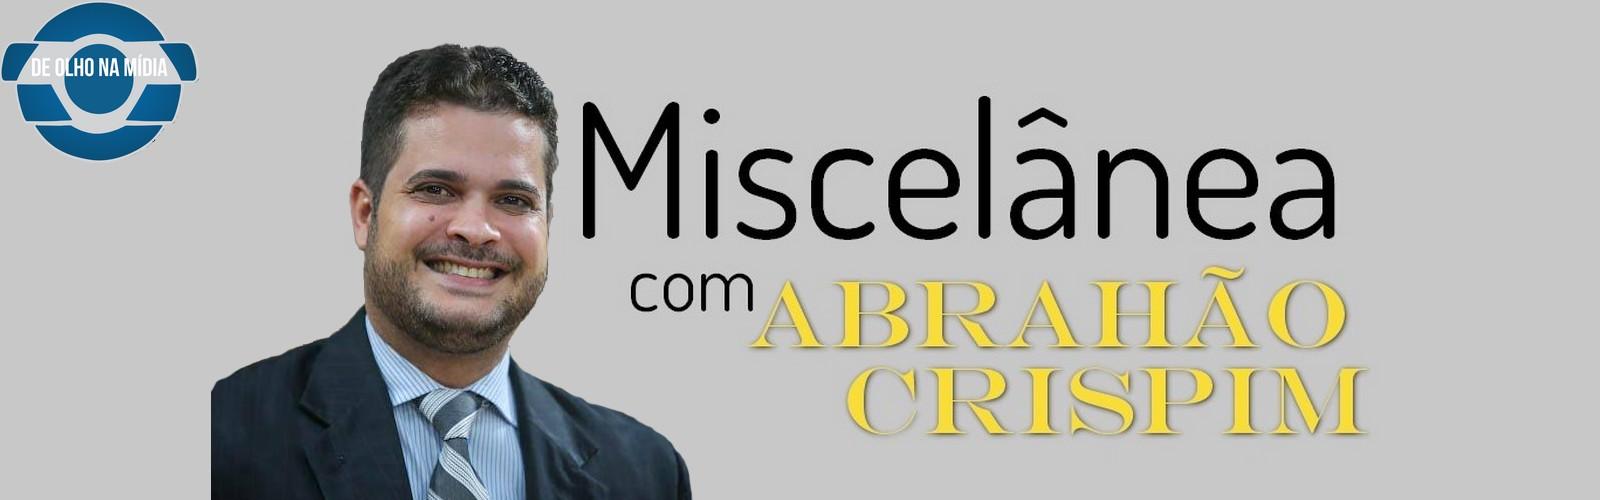 ABRAHÃO CRISPIM - MISCELÂNEA